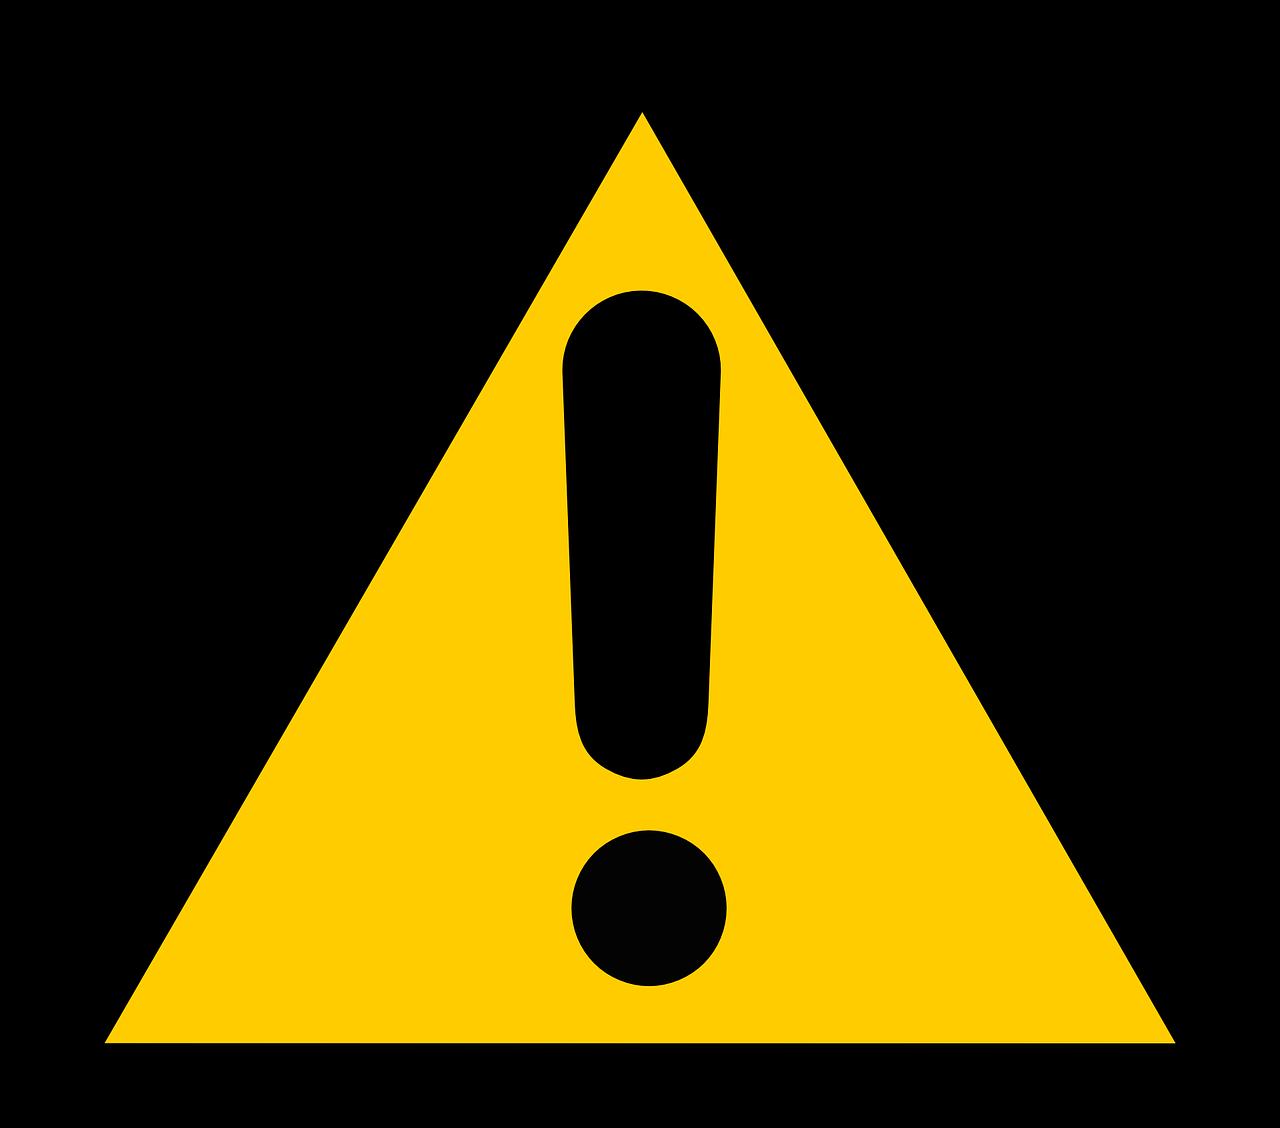 Waarschuwing voor exposanten